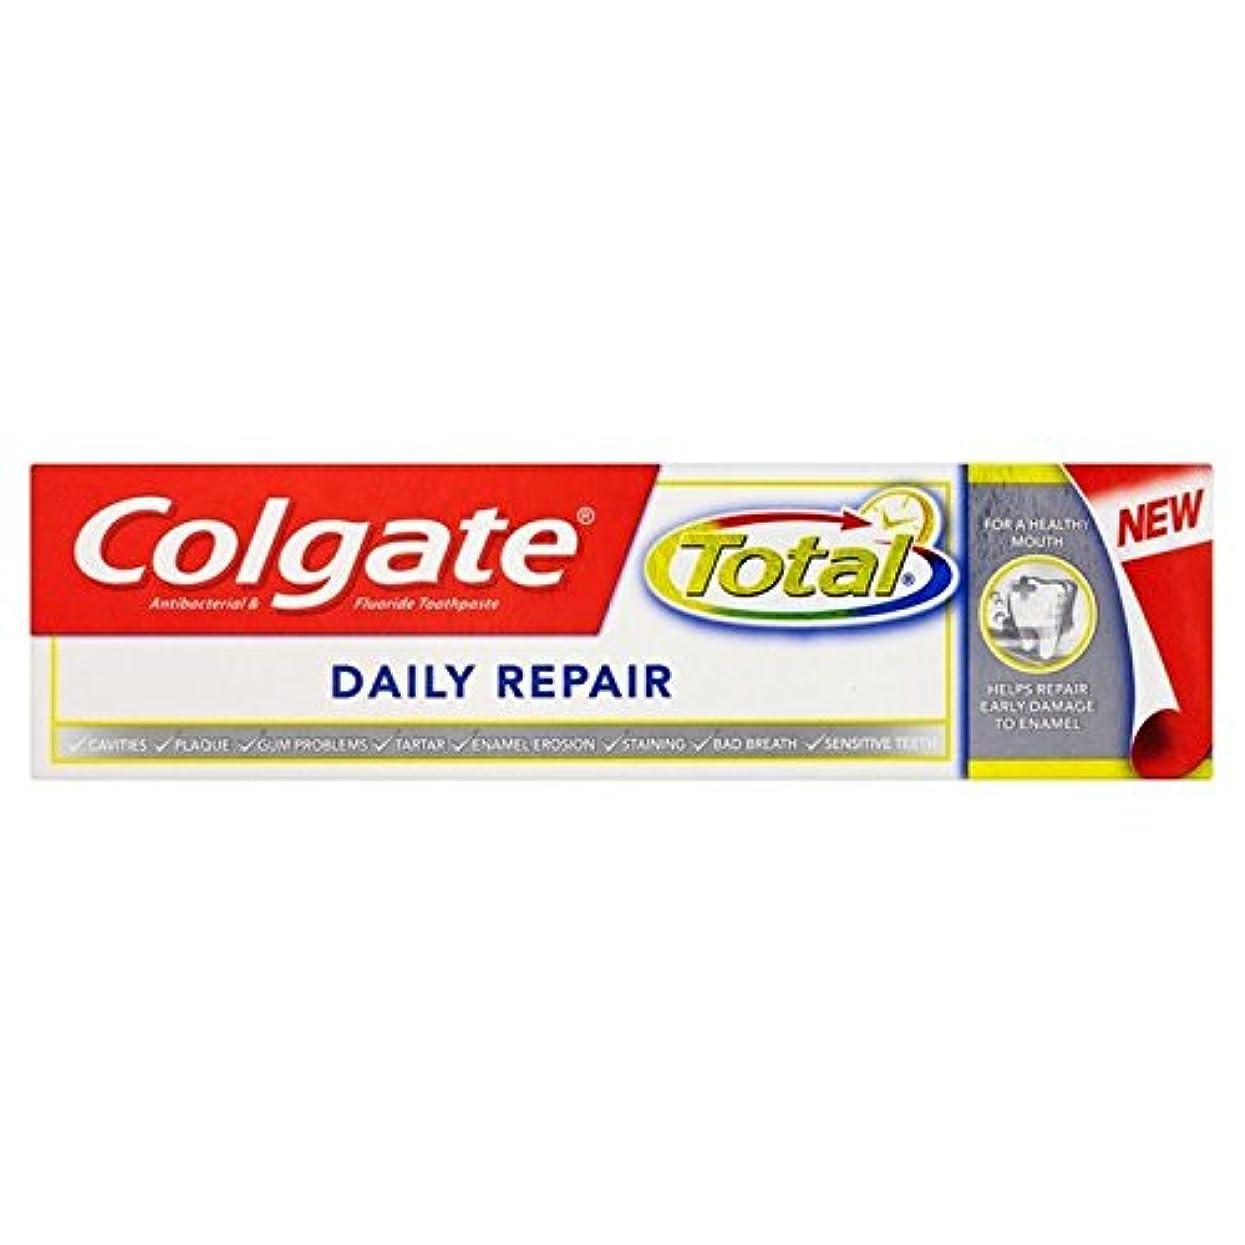 橋脚あいまいさ広くColgate Total Daily Repair Toothpaste 75ml - コルゲートトータル毎日修理歯磨き粉75ミリリットル [並行輸入品]